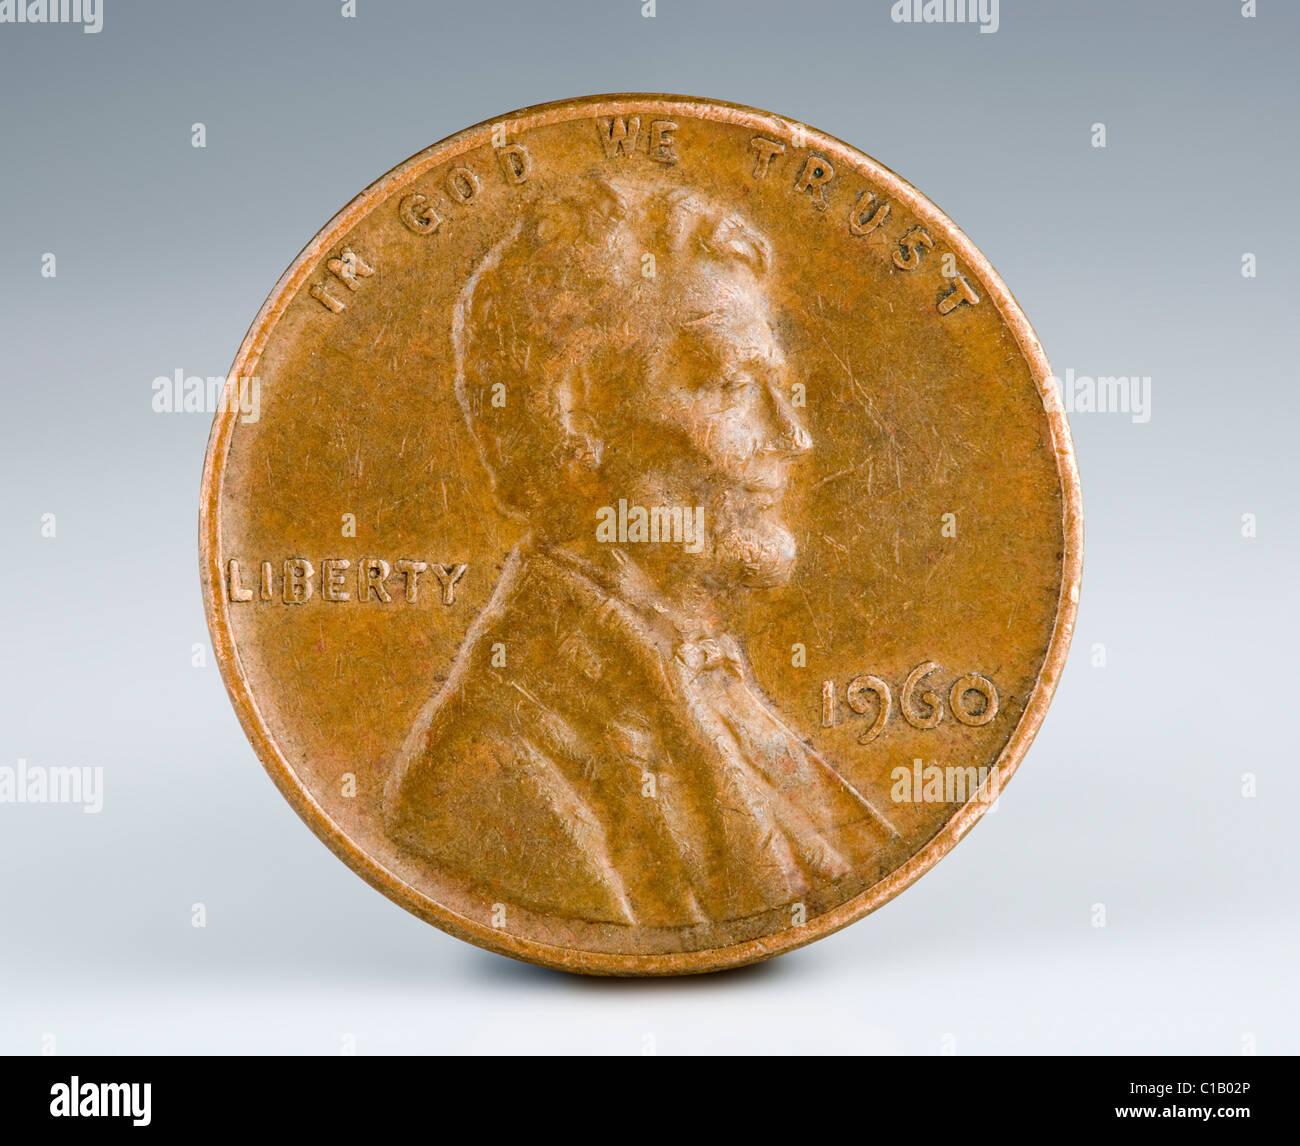 Nosotros 1 centavo centavo de cobre desde 1960. Los peniques hechas antes de 1983 tenían un mayor contenido Imagen De Stock